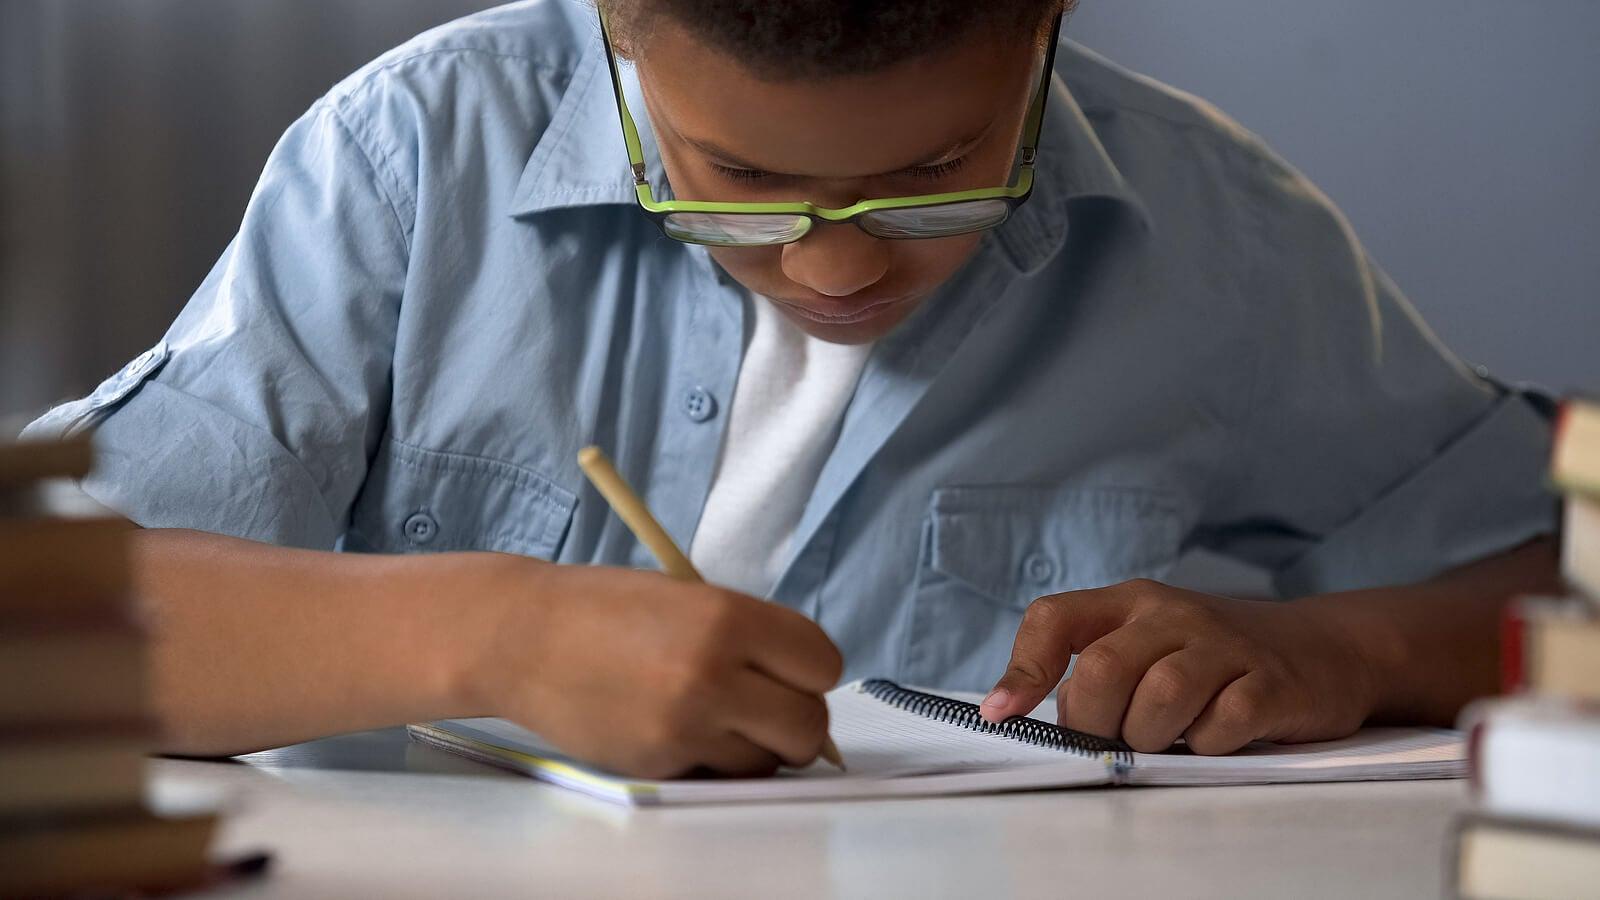 Niño con disortografía escribiendo en un cuaderno.